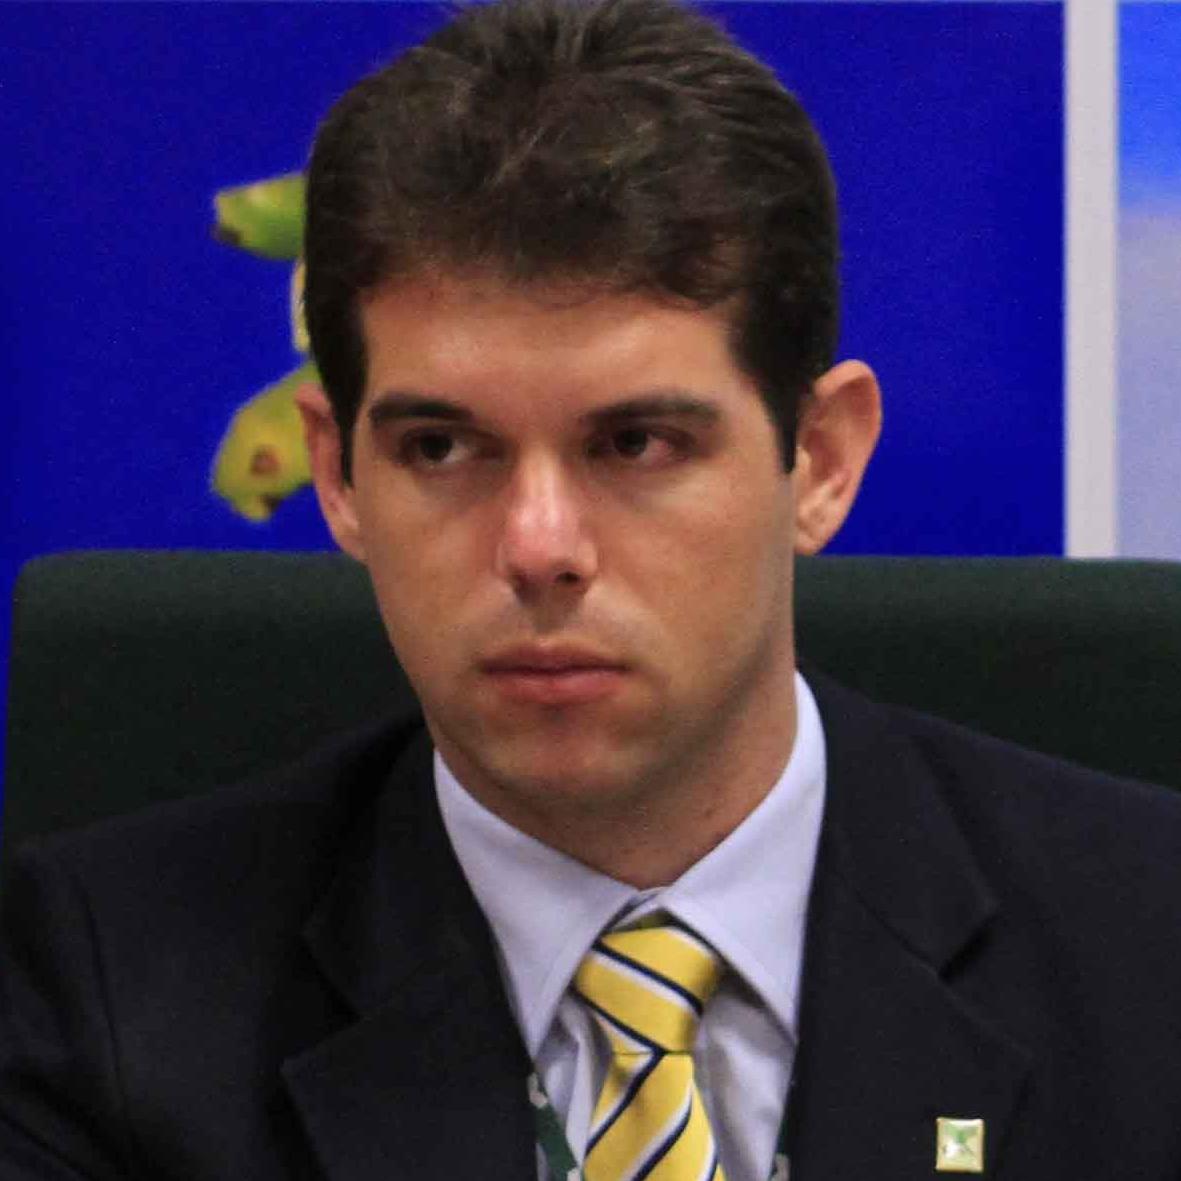 Bruno Lucchi